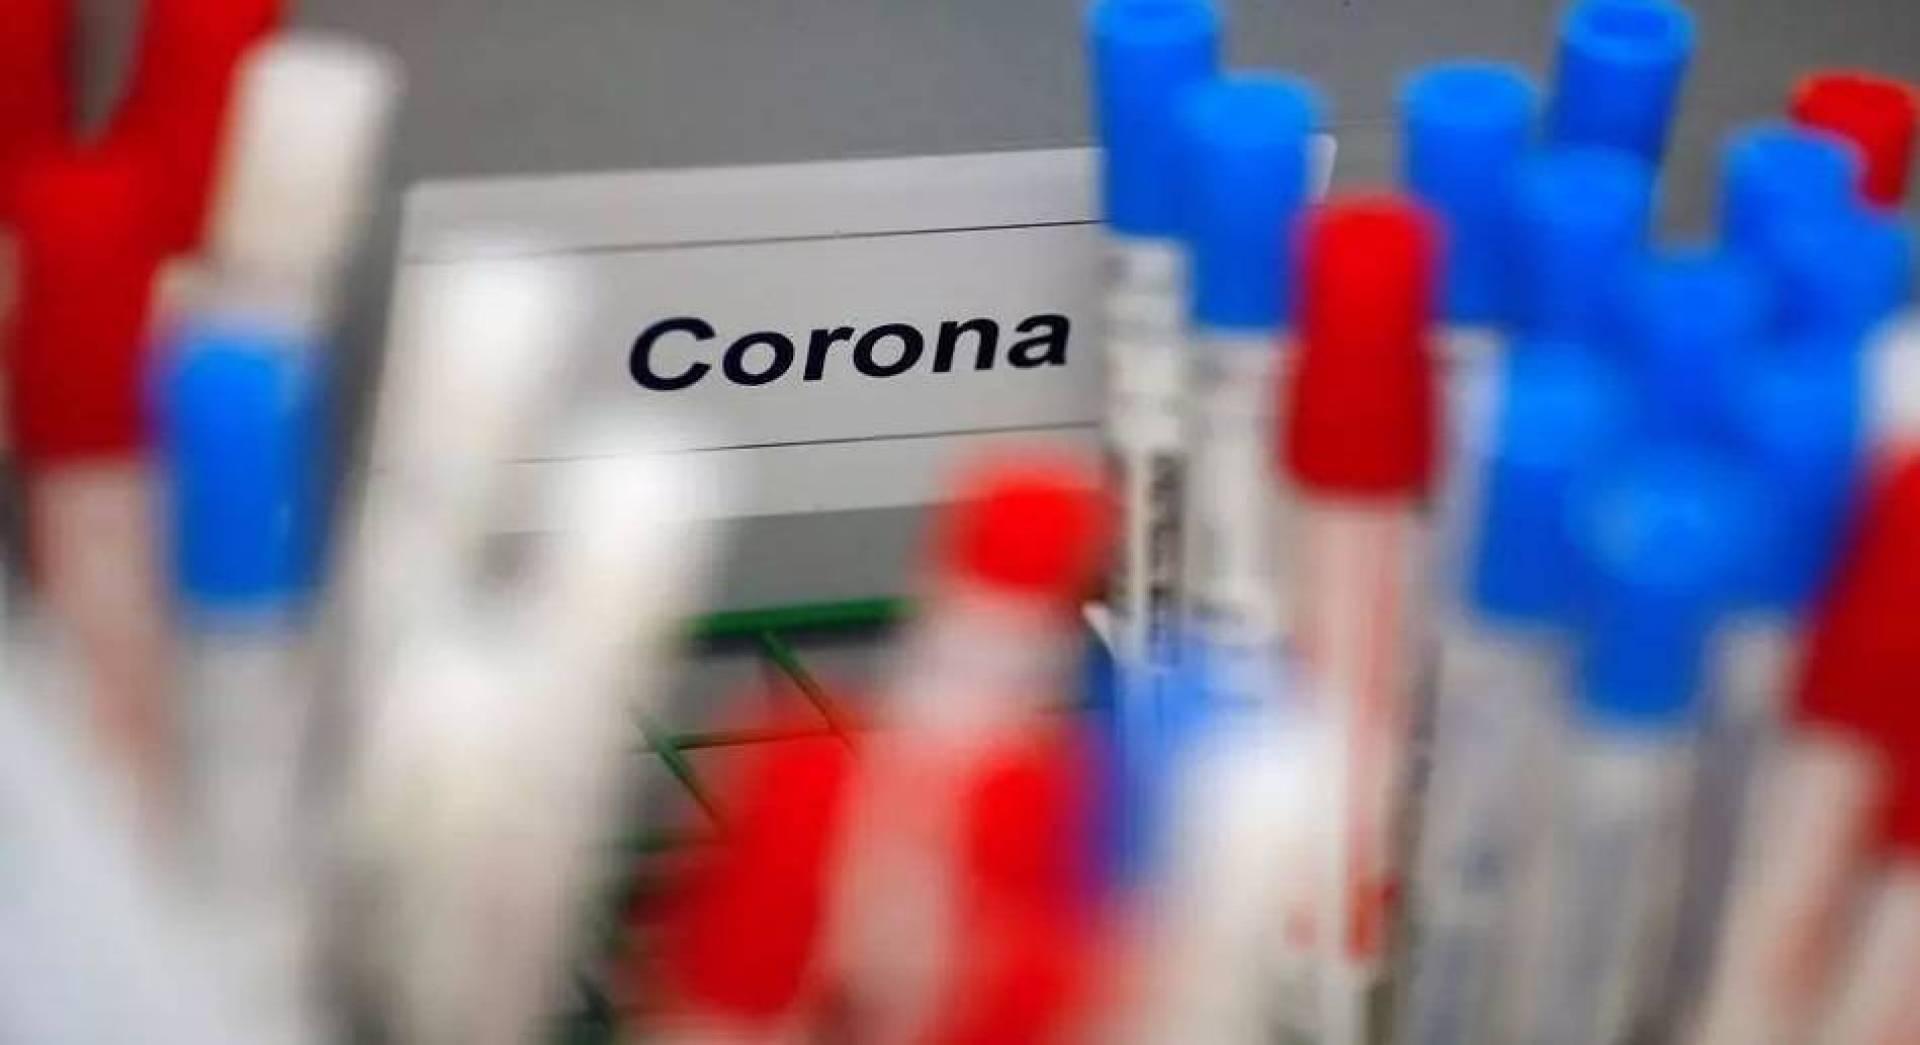 فيروس كورونا: البحث عن اللقاح يعمق الانقسامات بين الدول